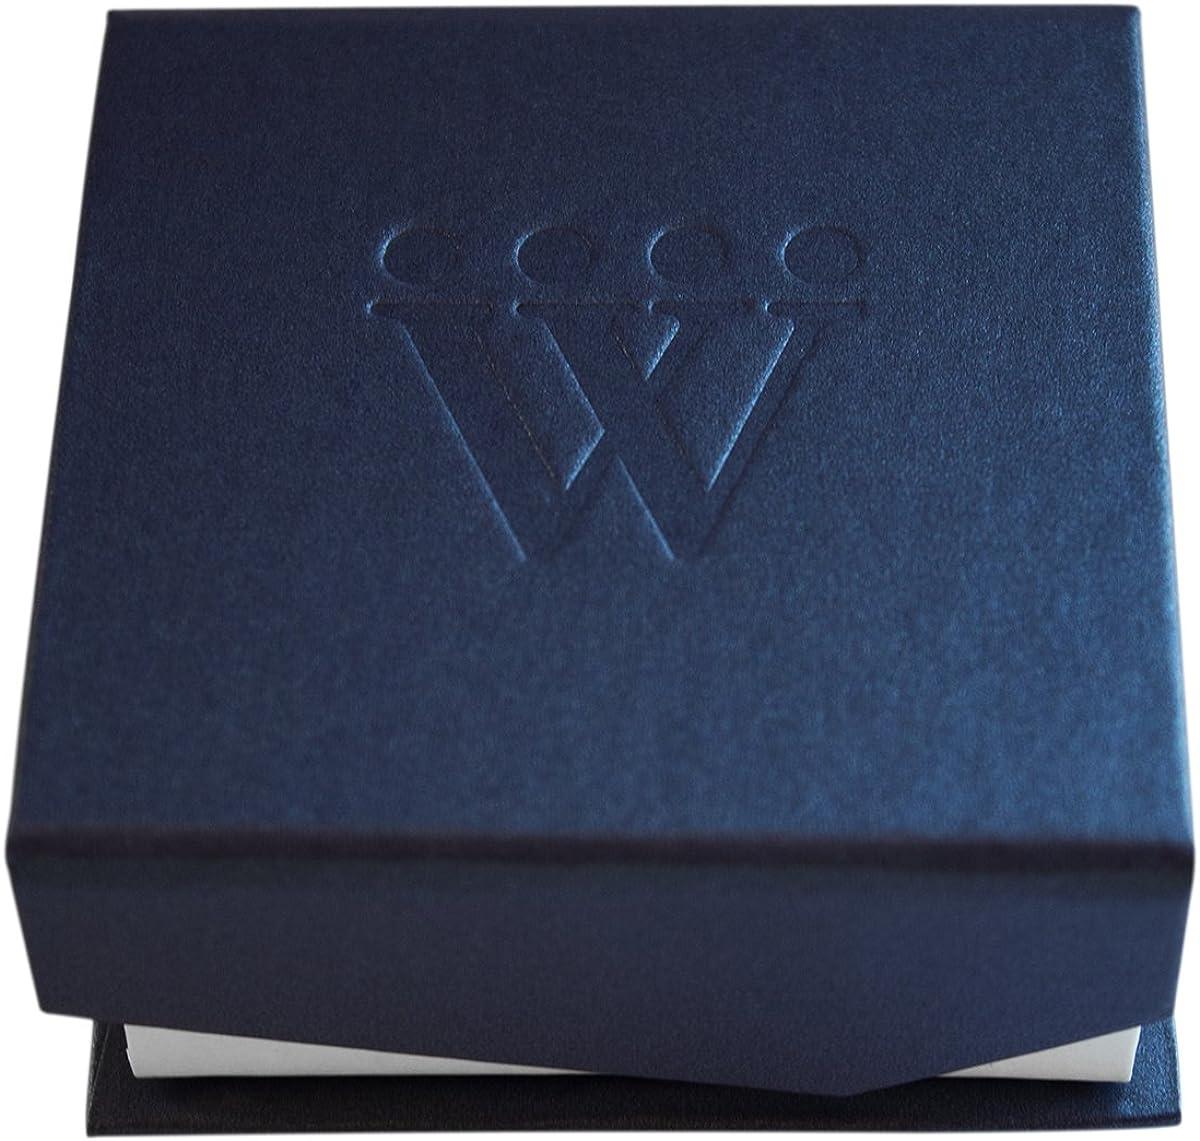 GWG Jewellery Femme Bagues Cadeau Bague avec N/œud Celtique Argent Sterling Et Pierre CZ Ronde Vert /Émeraude pour Femme